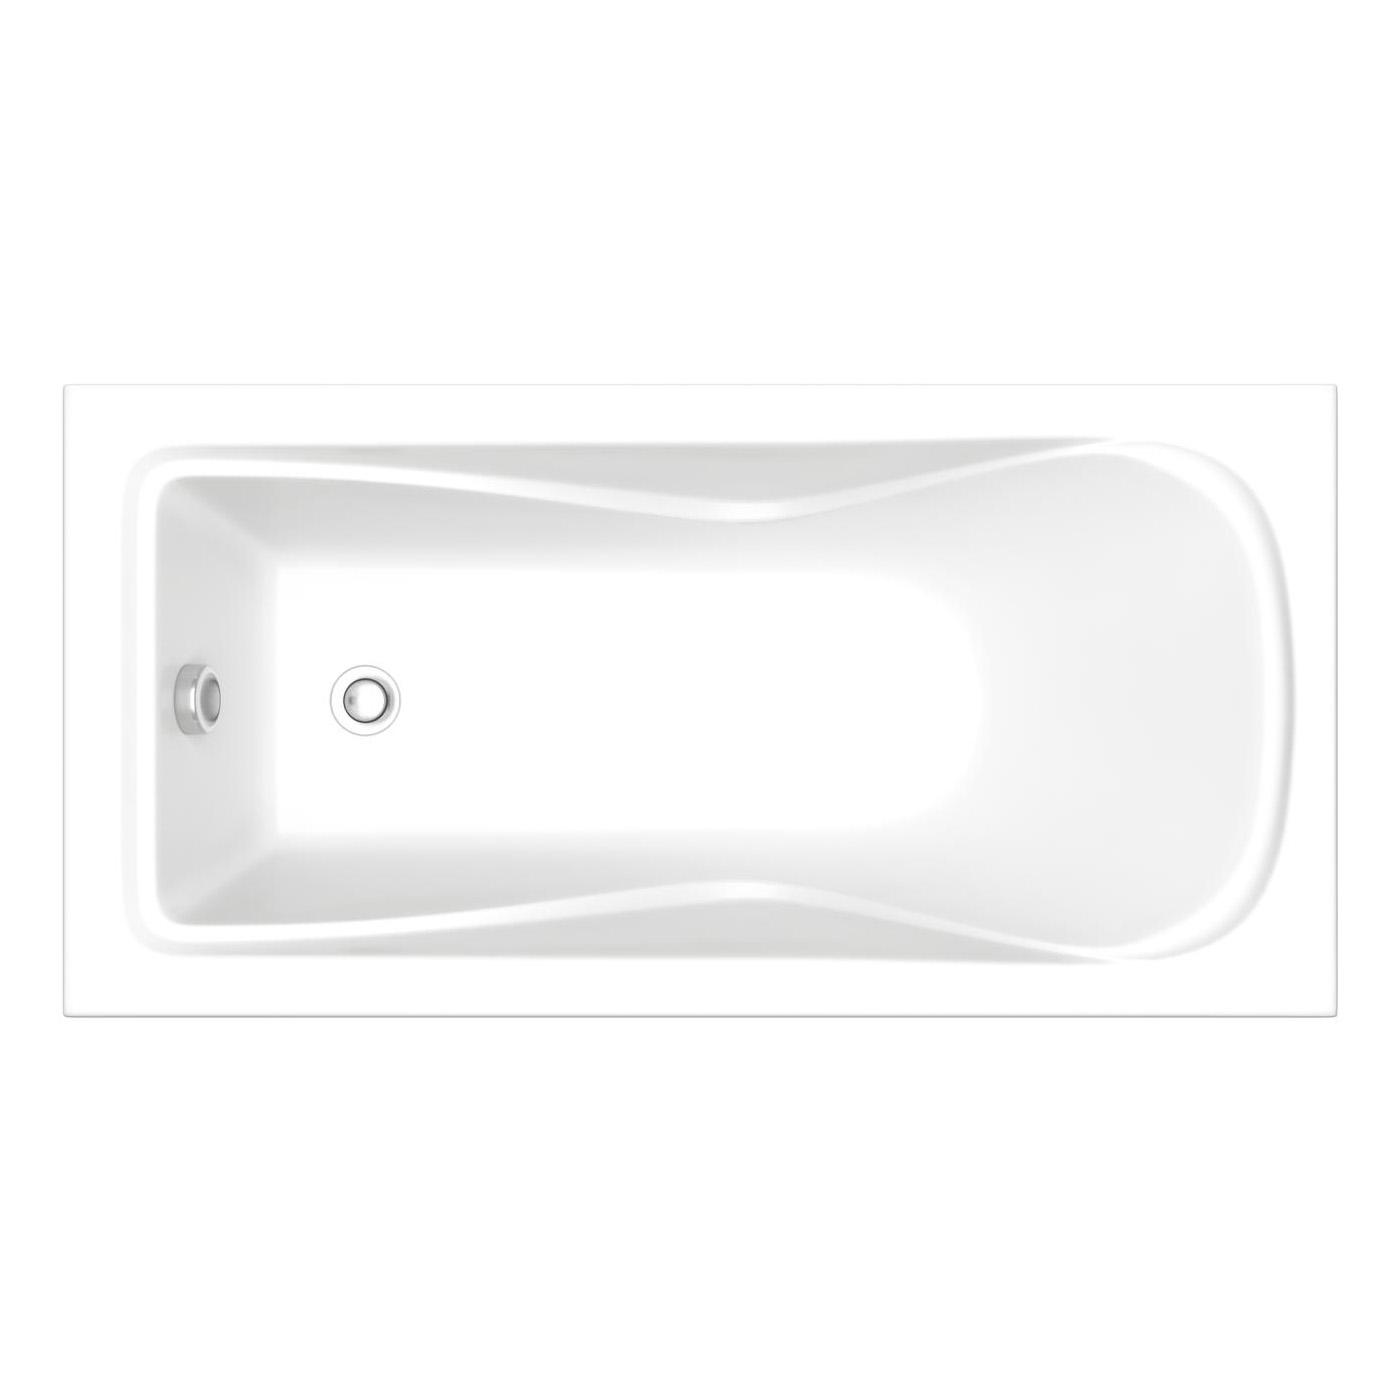 Акриловая ванна Bas Олимп ST. 170х70 без гидромассажа bas империал без гидромассажа